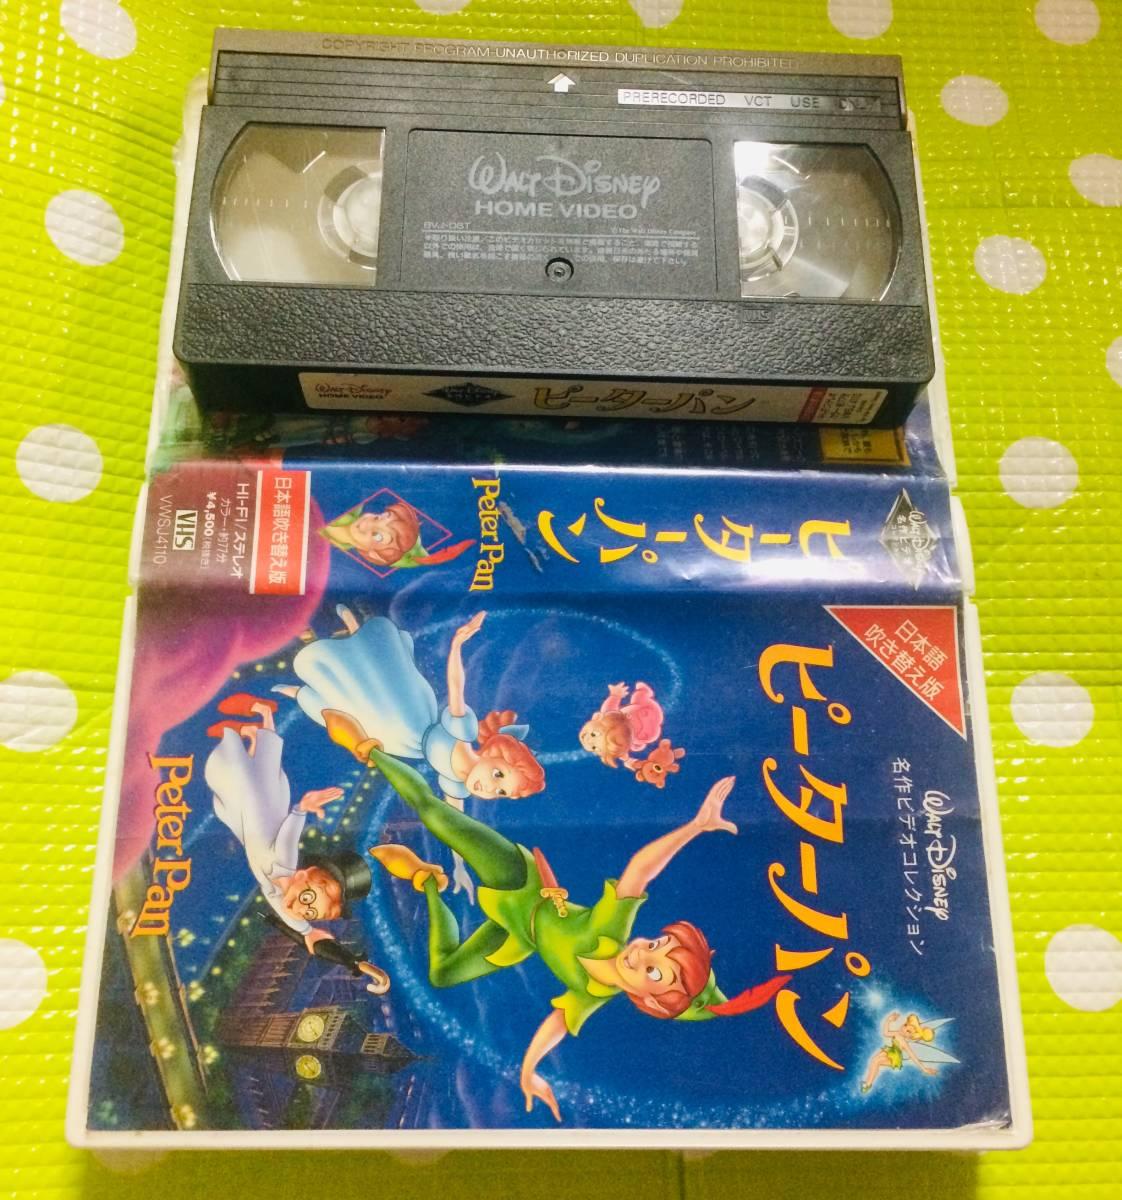 即決〈同梱歓迎〉VHS ピーターパン 日本語吹き替え版 ディズニー アニメ◎その他ビデオ多数出品中θt6951_画像1